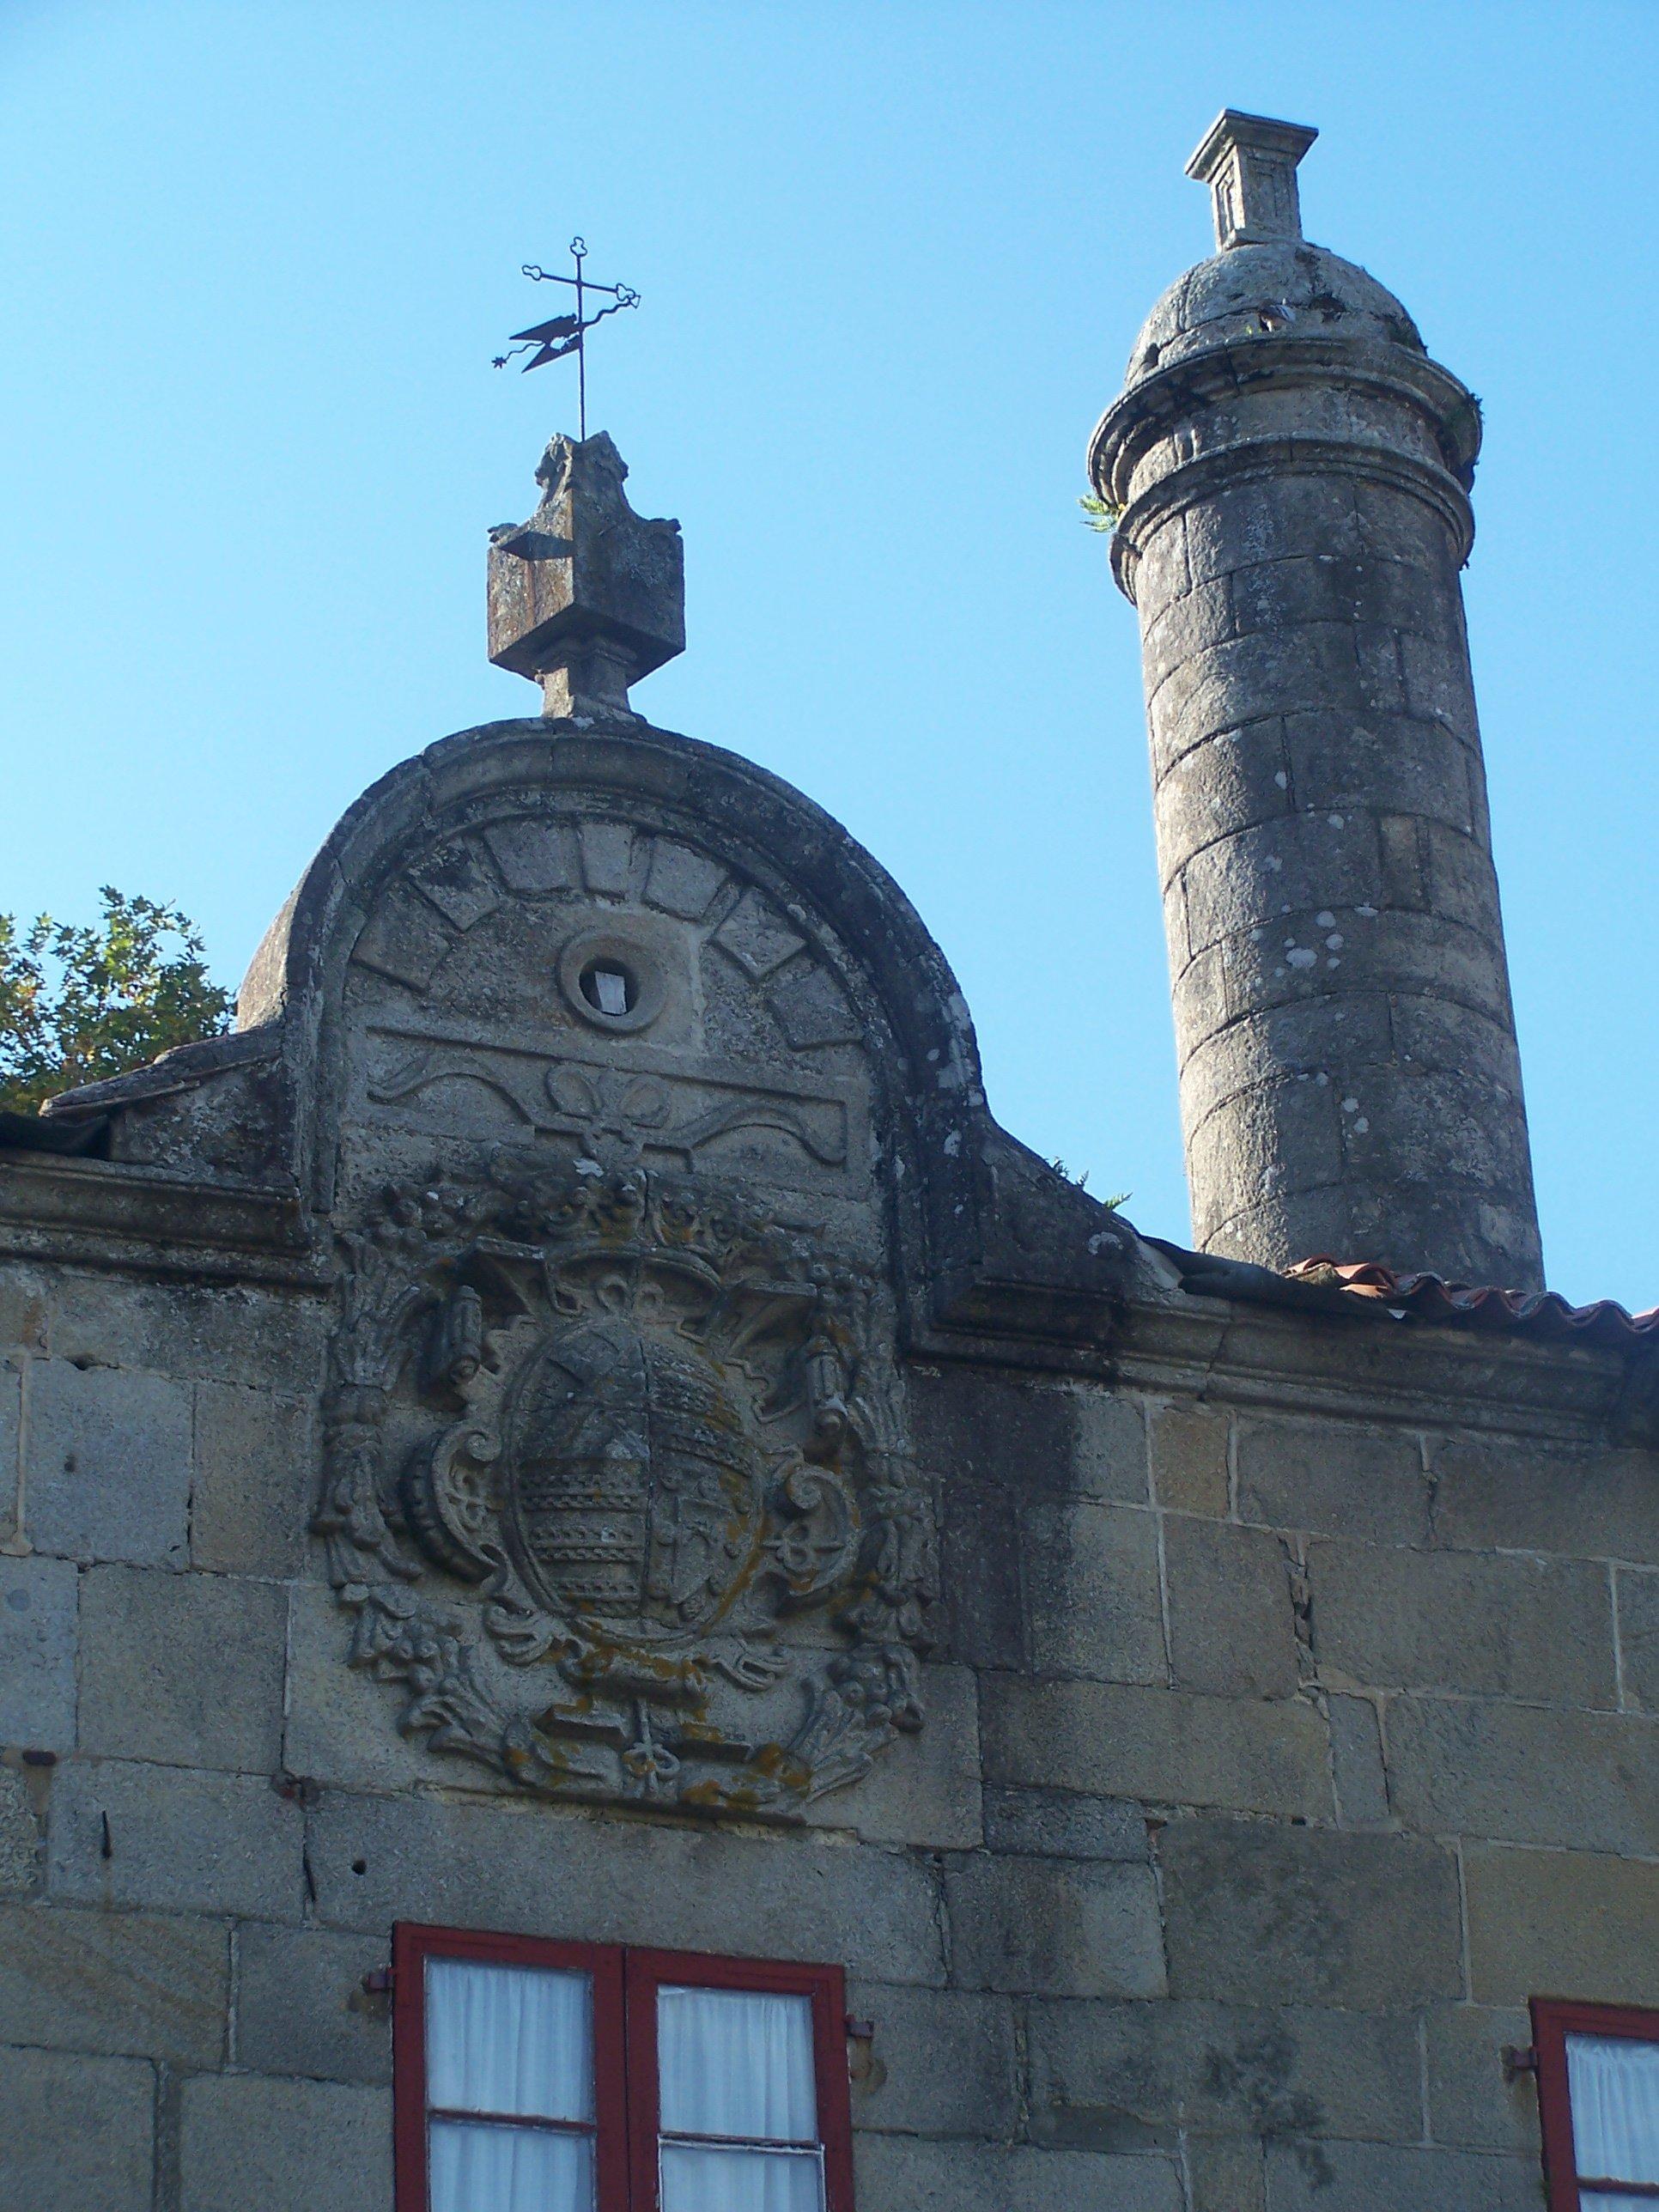 https://upload.wikimedia.org/wikipedia/commons/0/09/Pazo_de_Vista_Alegre._Detalle_de_escudo_y_chimenea..jpg